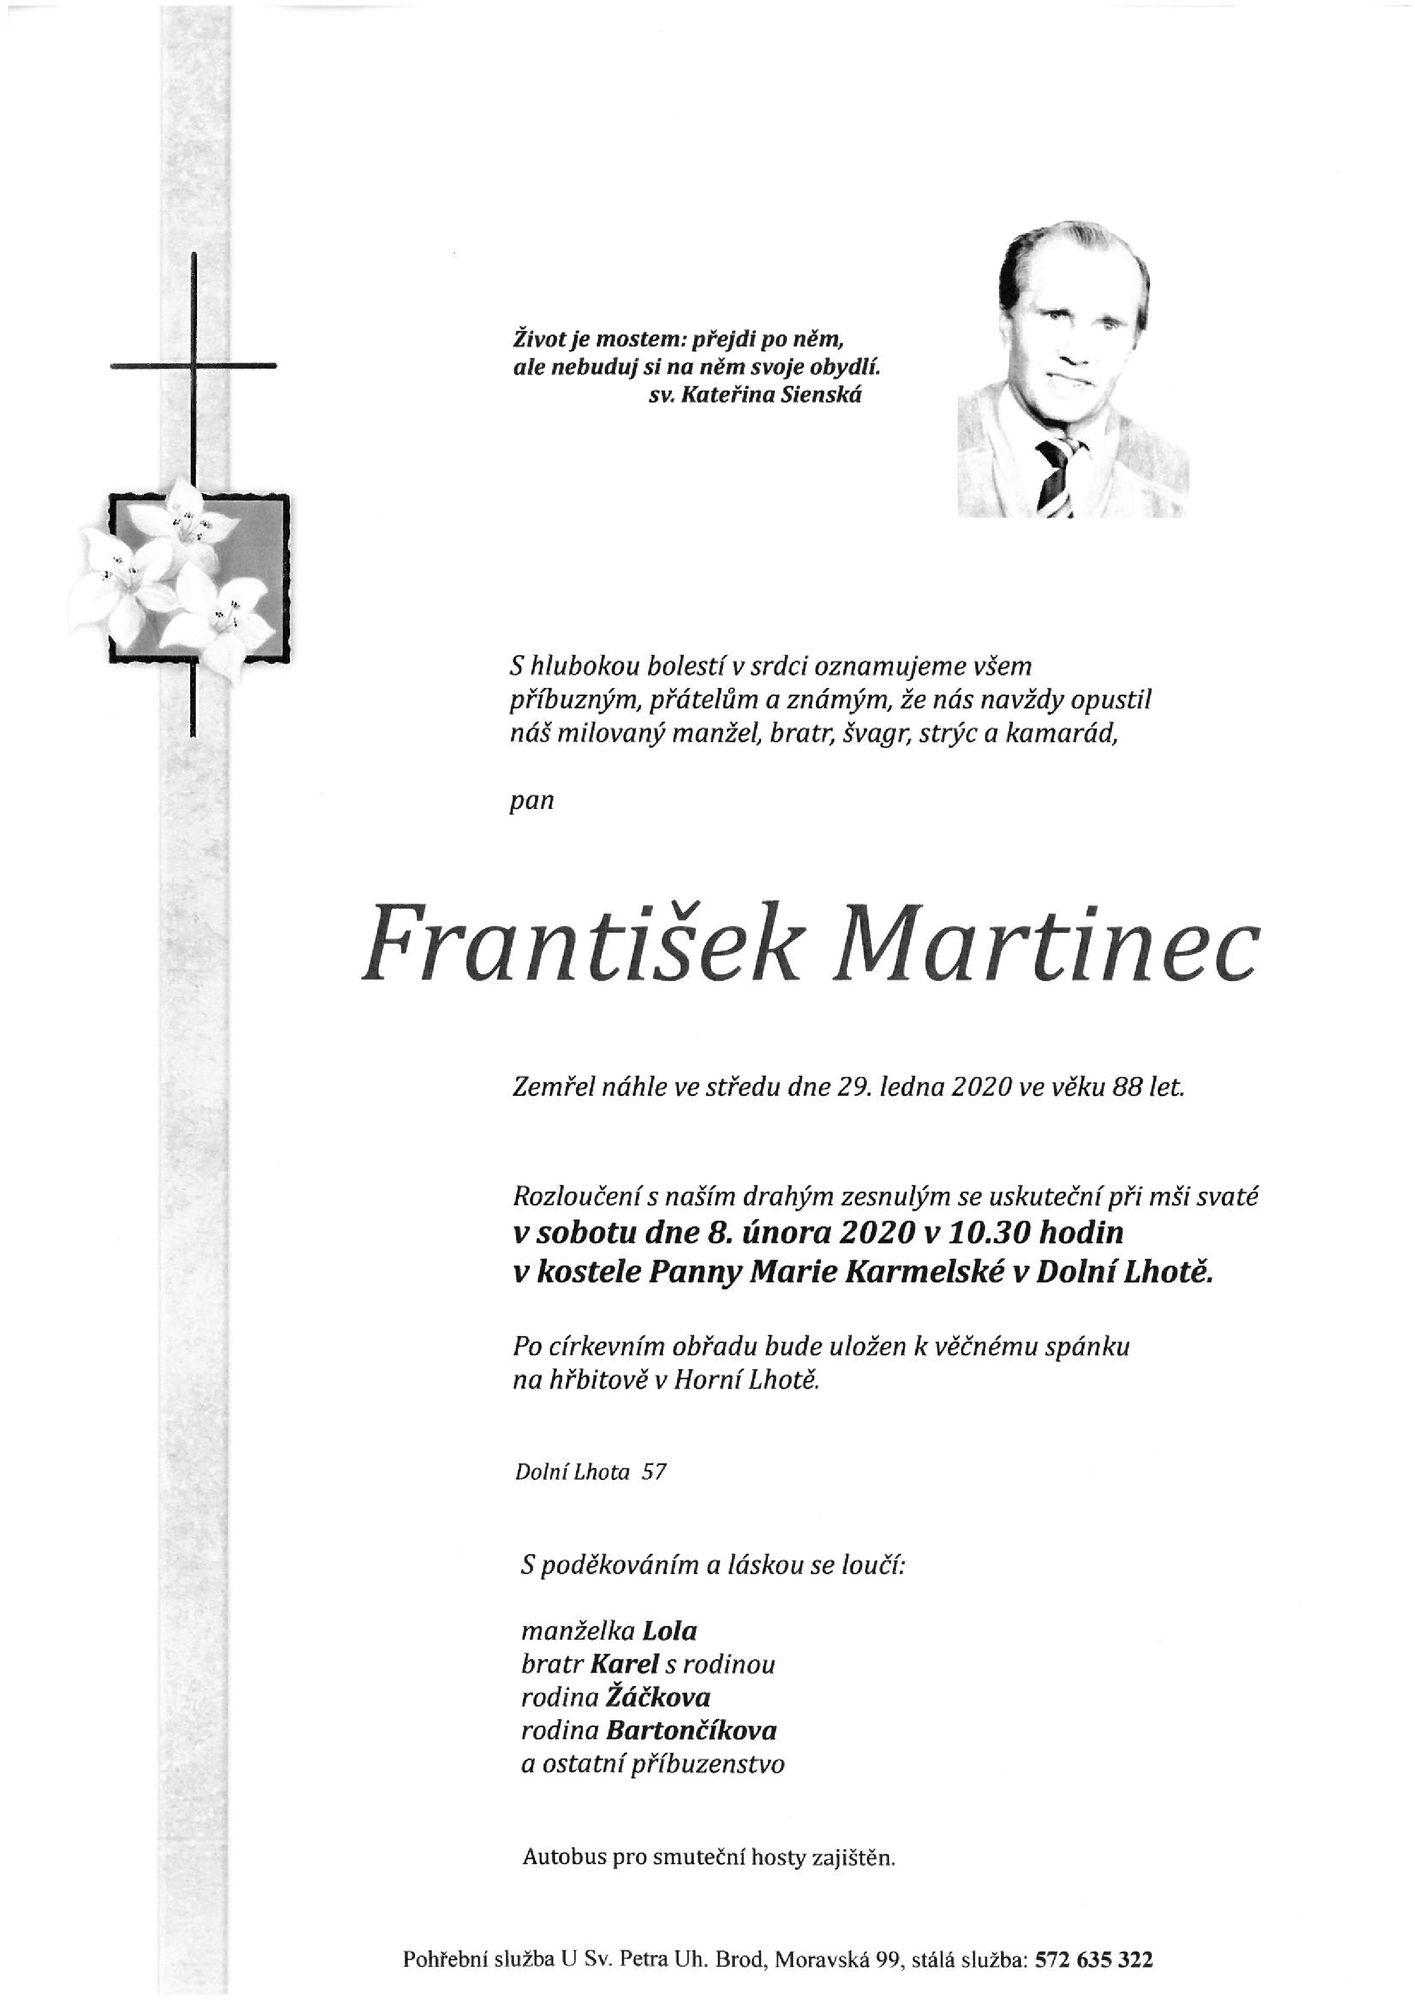 František Martinec